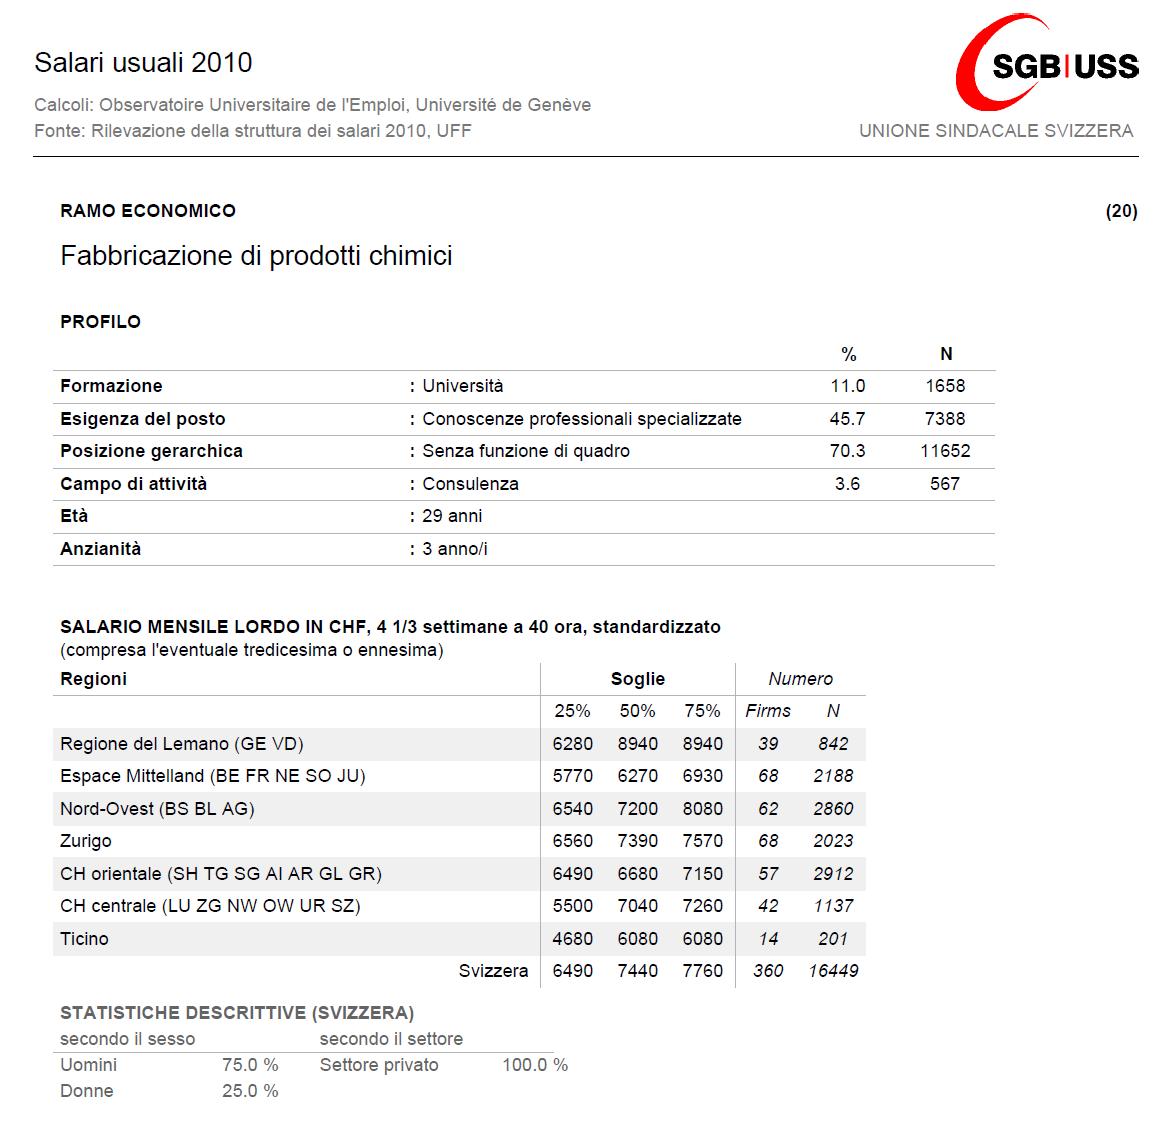 Carpentieri Edili In Svizzera come calcolare lo stipendio che prendereste in svizzera in